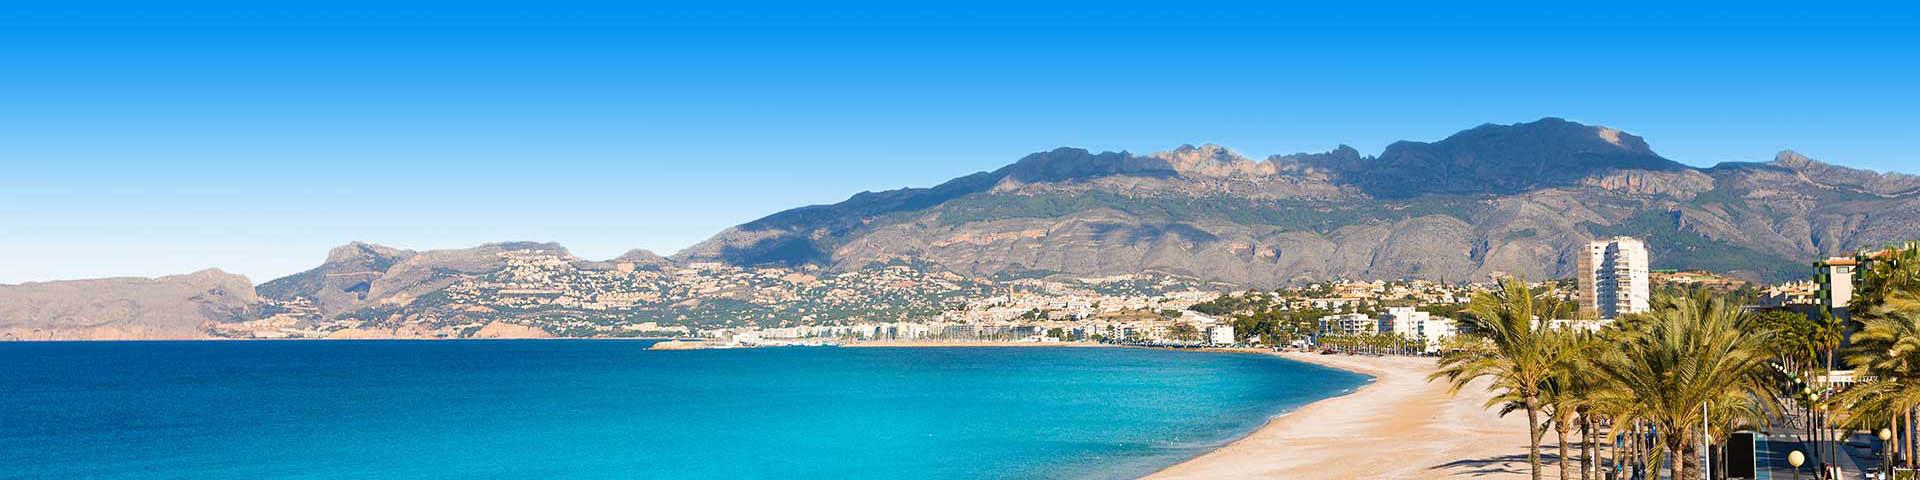 Kust met zee, strand en heuvels aan de Costa Blanca van Spanje